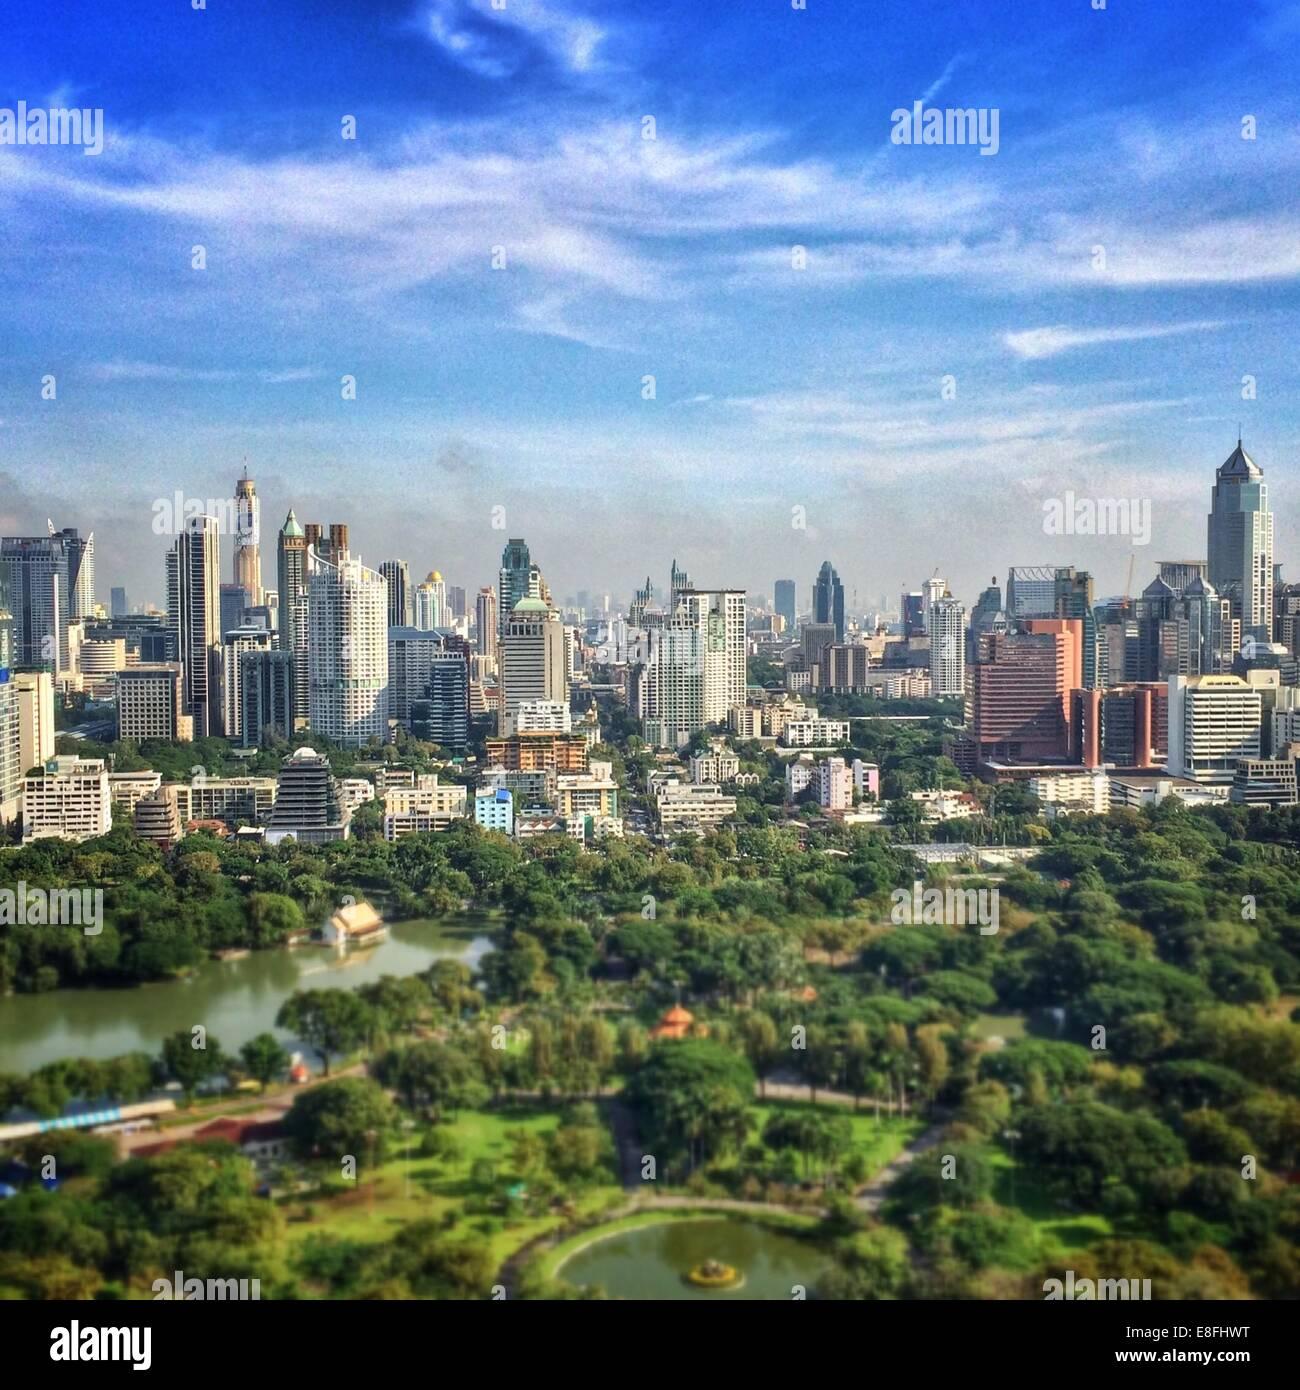 Tailandia, Bangkok, niveles elevados de vista del paisaje urbano Imagen De Stock